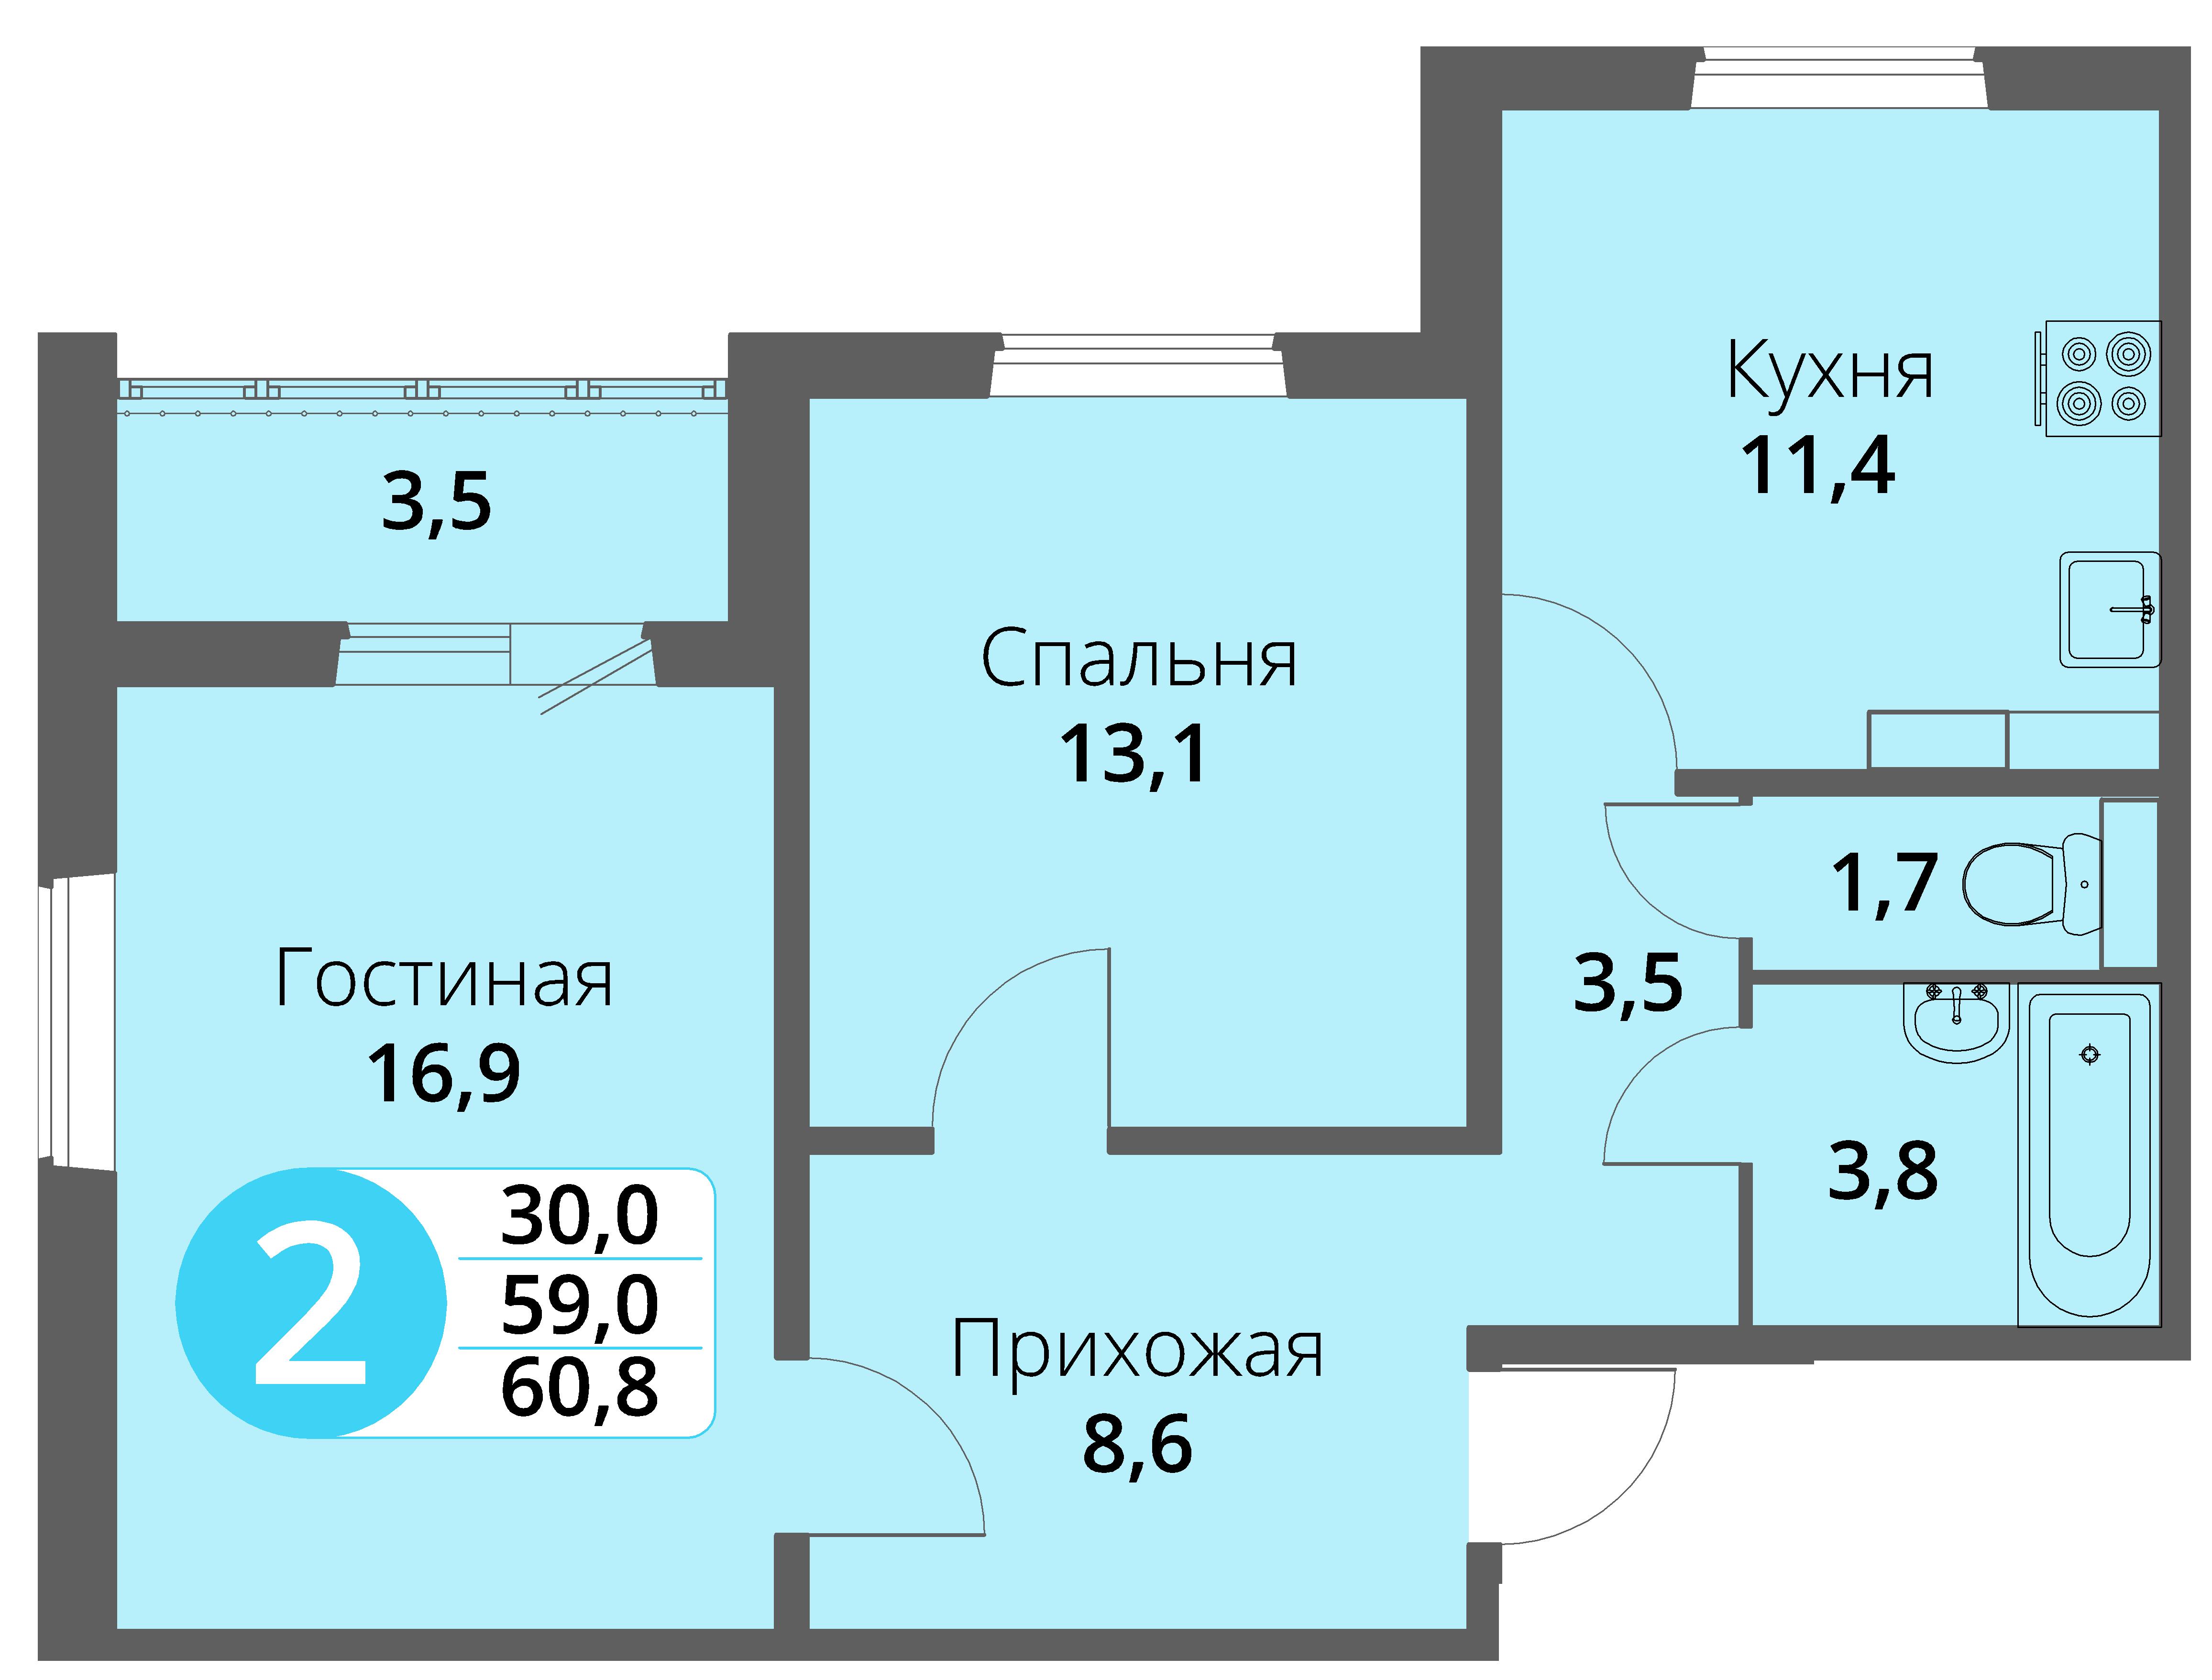 Зареченская 1-1, квартира 145 - Двухкомнатная